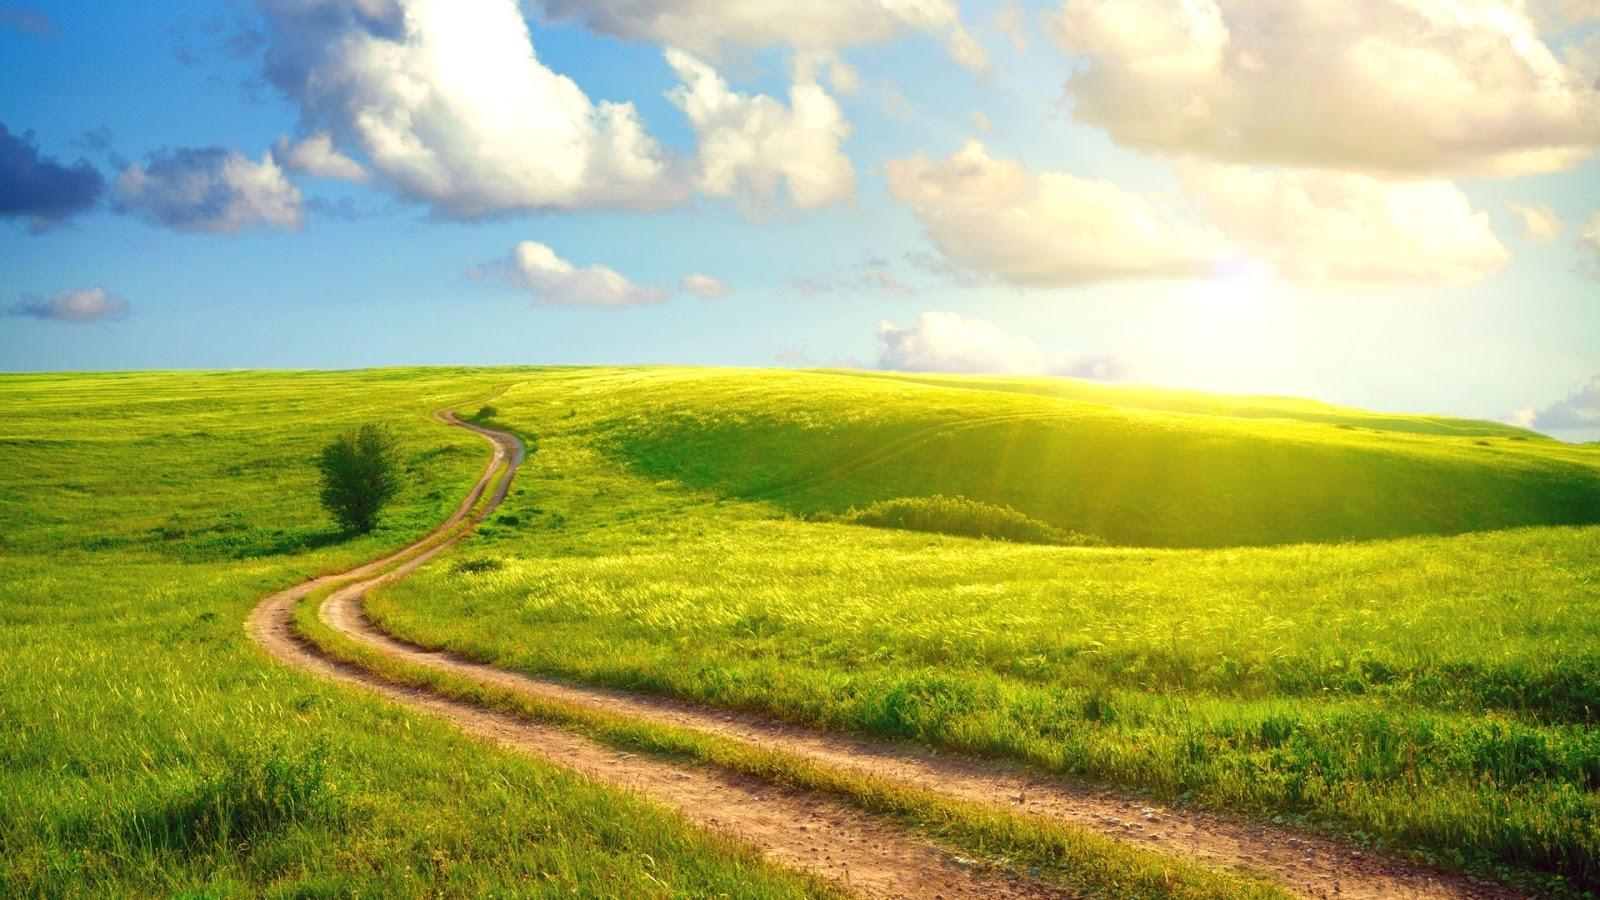 hình nền con đường mòn cực kỳ lãng mạng